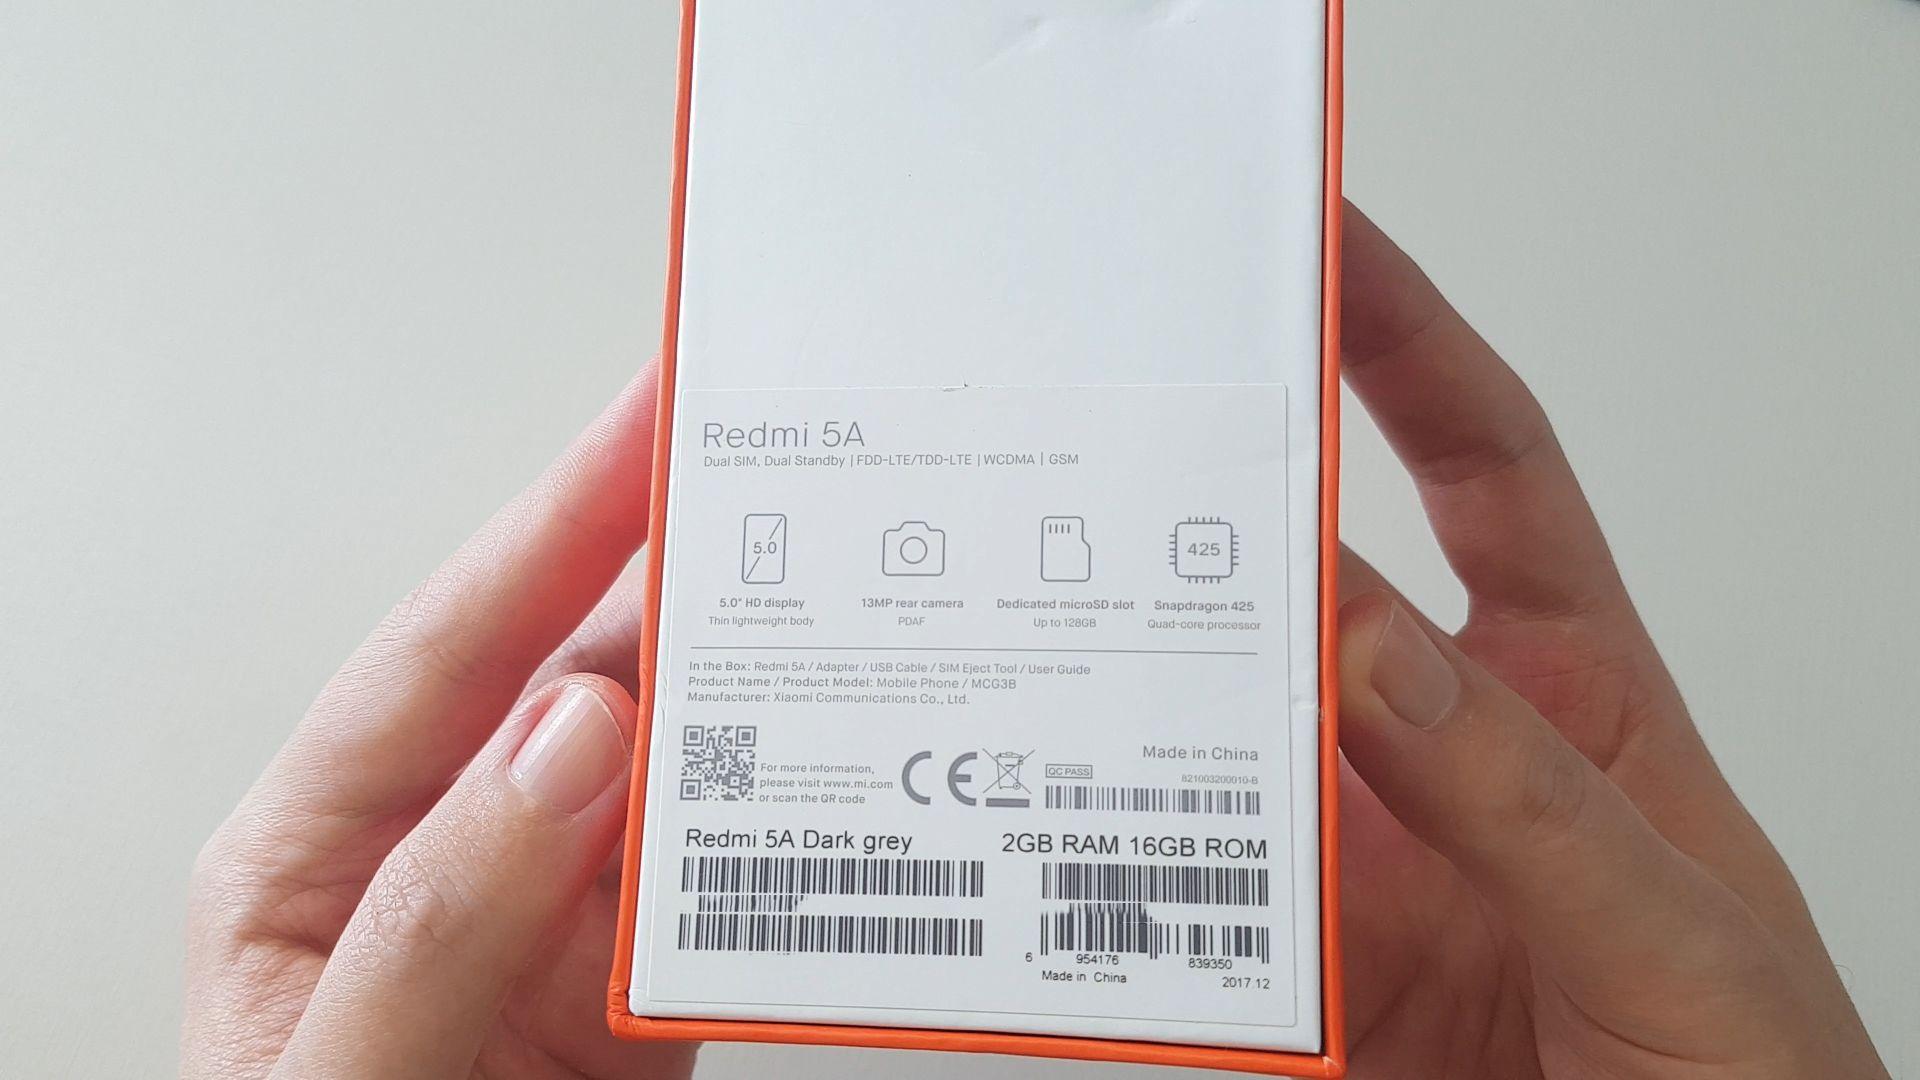 Xiaomi redmi 5a traz poucas novidades ao focar no preo vdeo do xiaomi redmi 5a traz poucas novidades ao focar no preo vdeo do tudocelular tudocelular stopboris Gallery